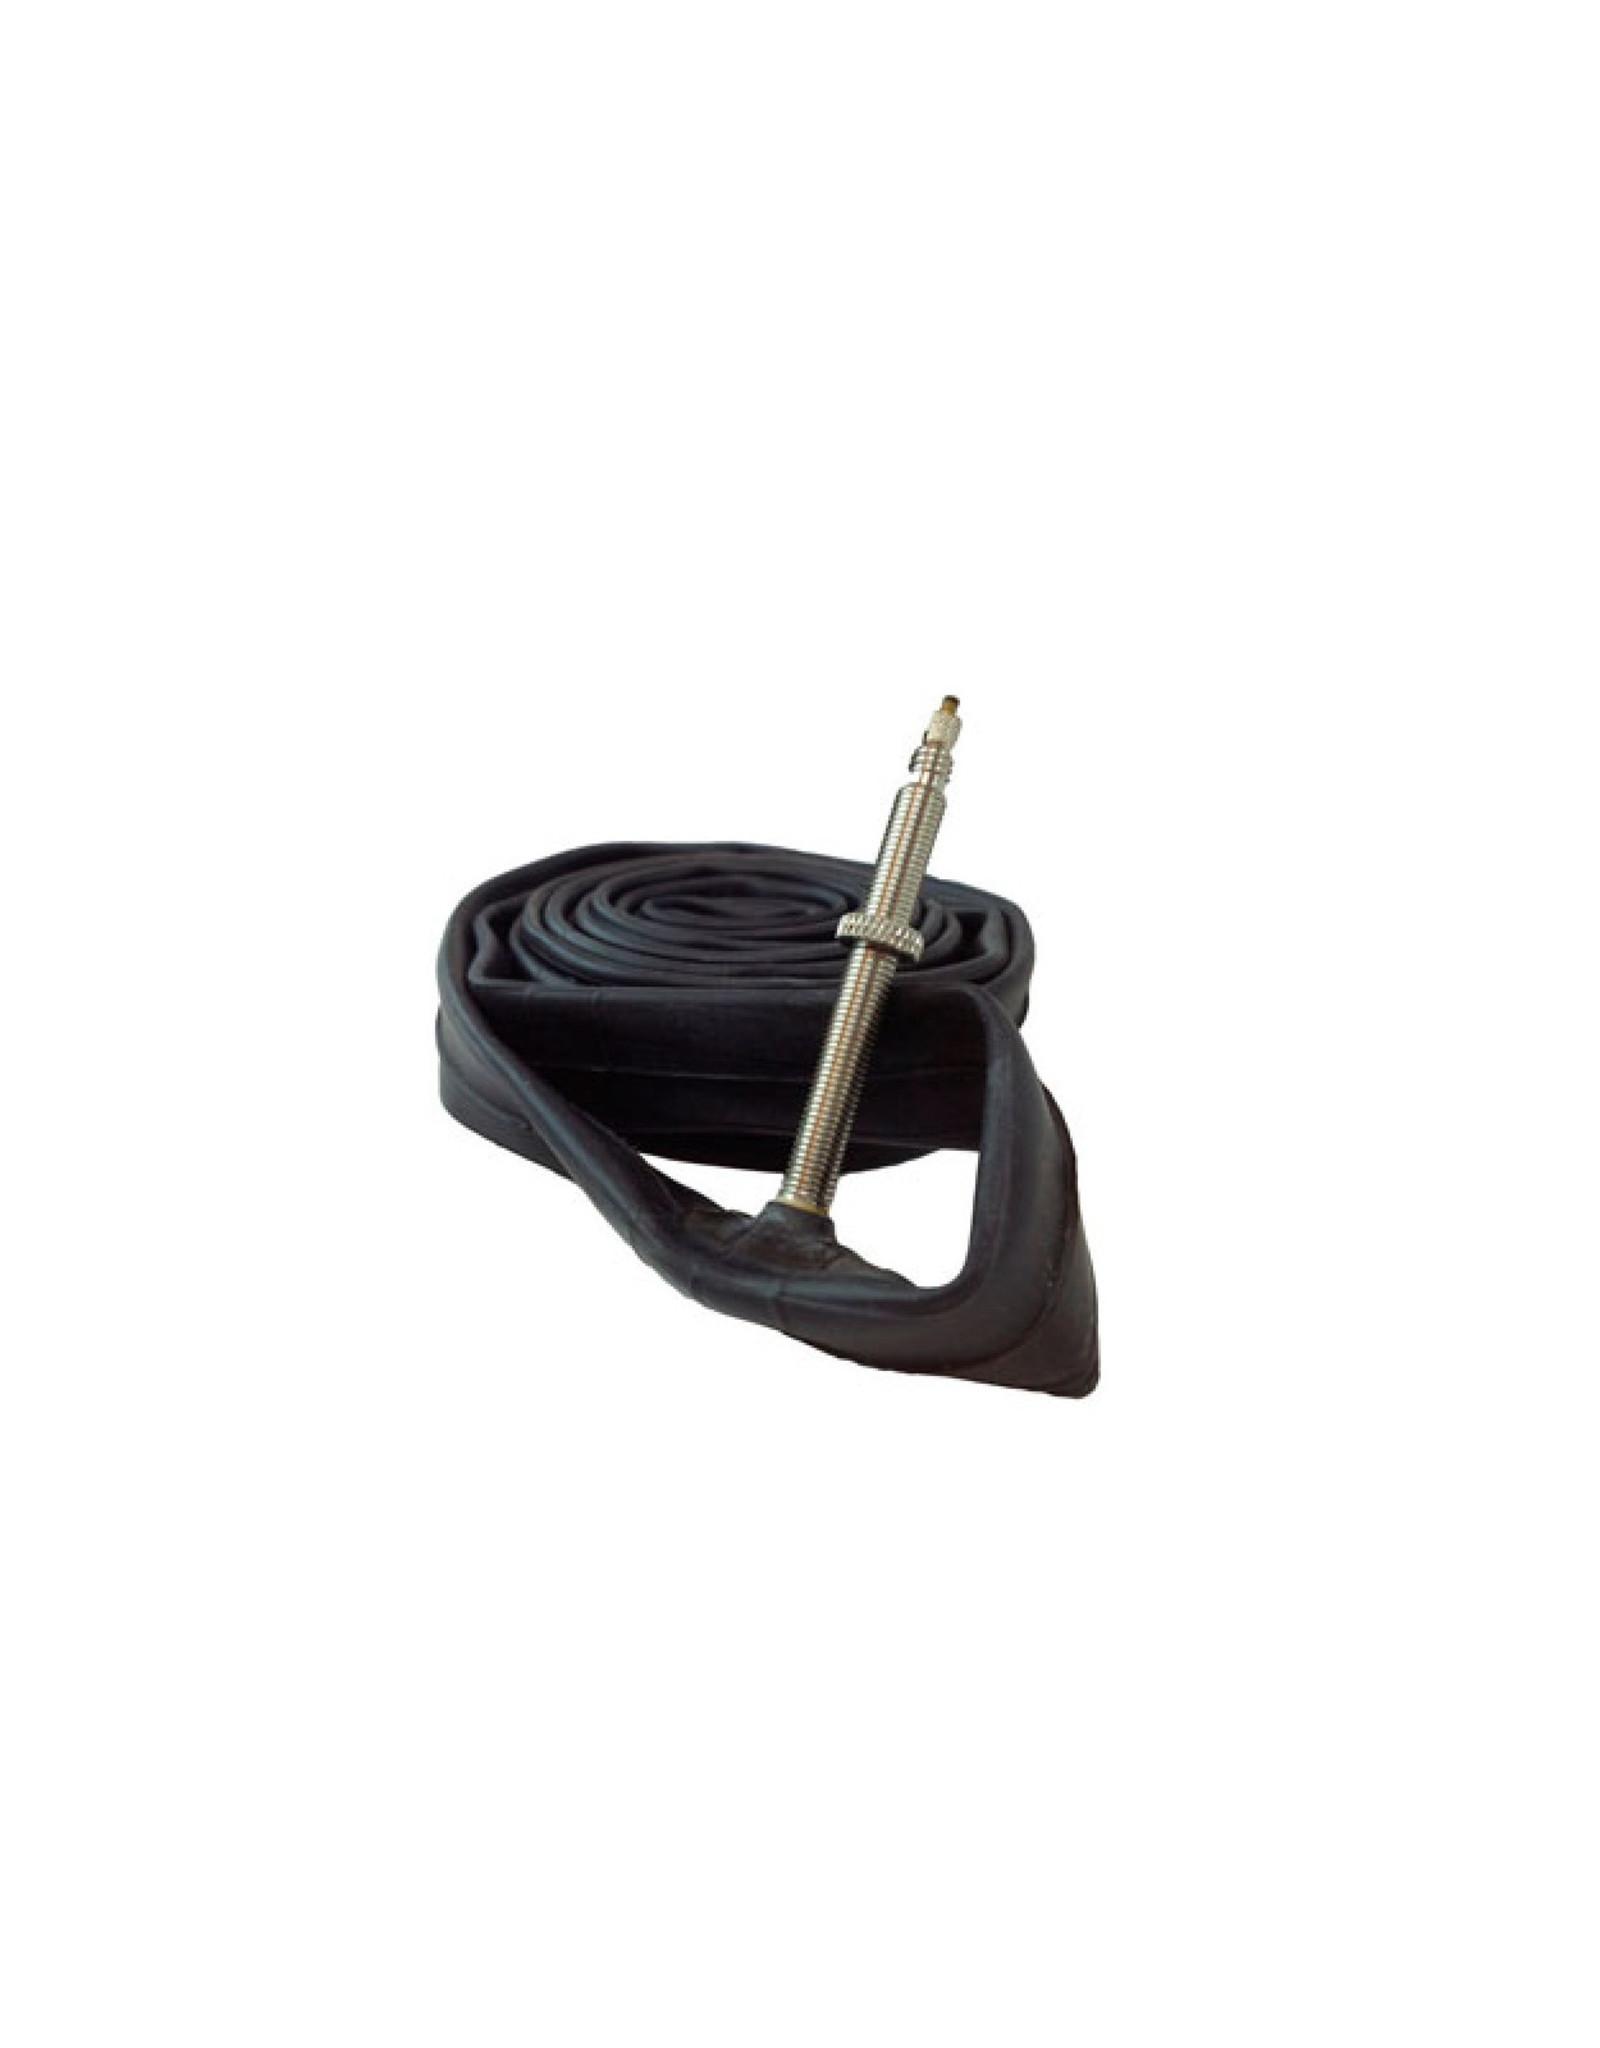 Evo EVO, SV, Chambre a air, Schrader, Longueur: 35mm, 20'', 2.125-2.40